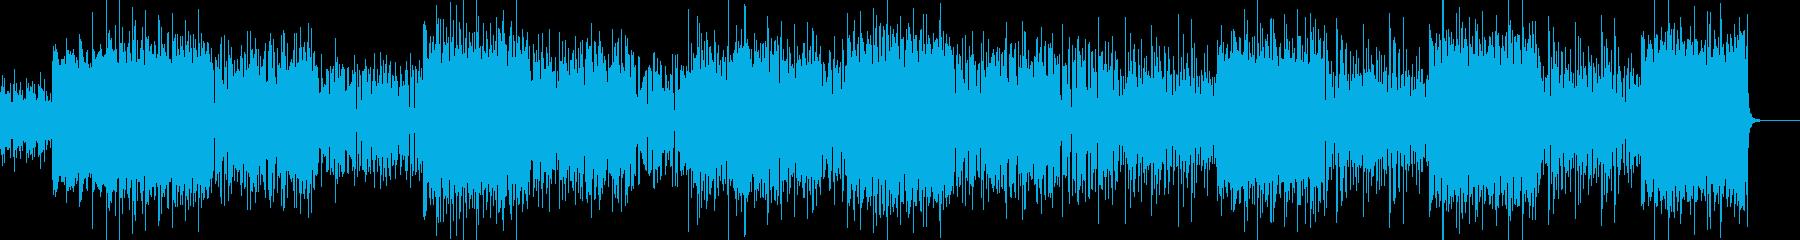 柔らかなイントロから展開するスペクタクルの再生済みの波形